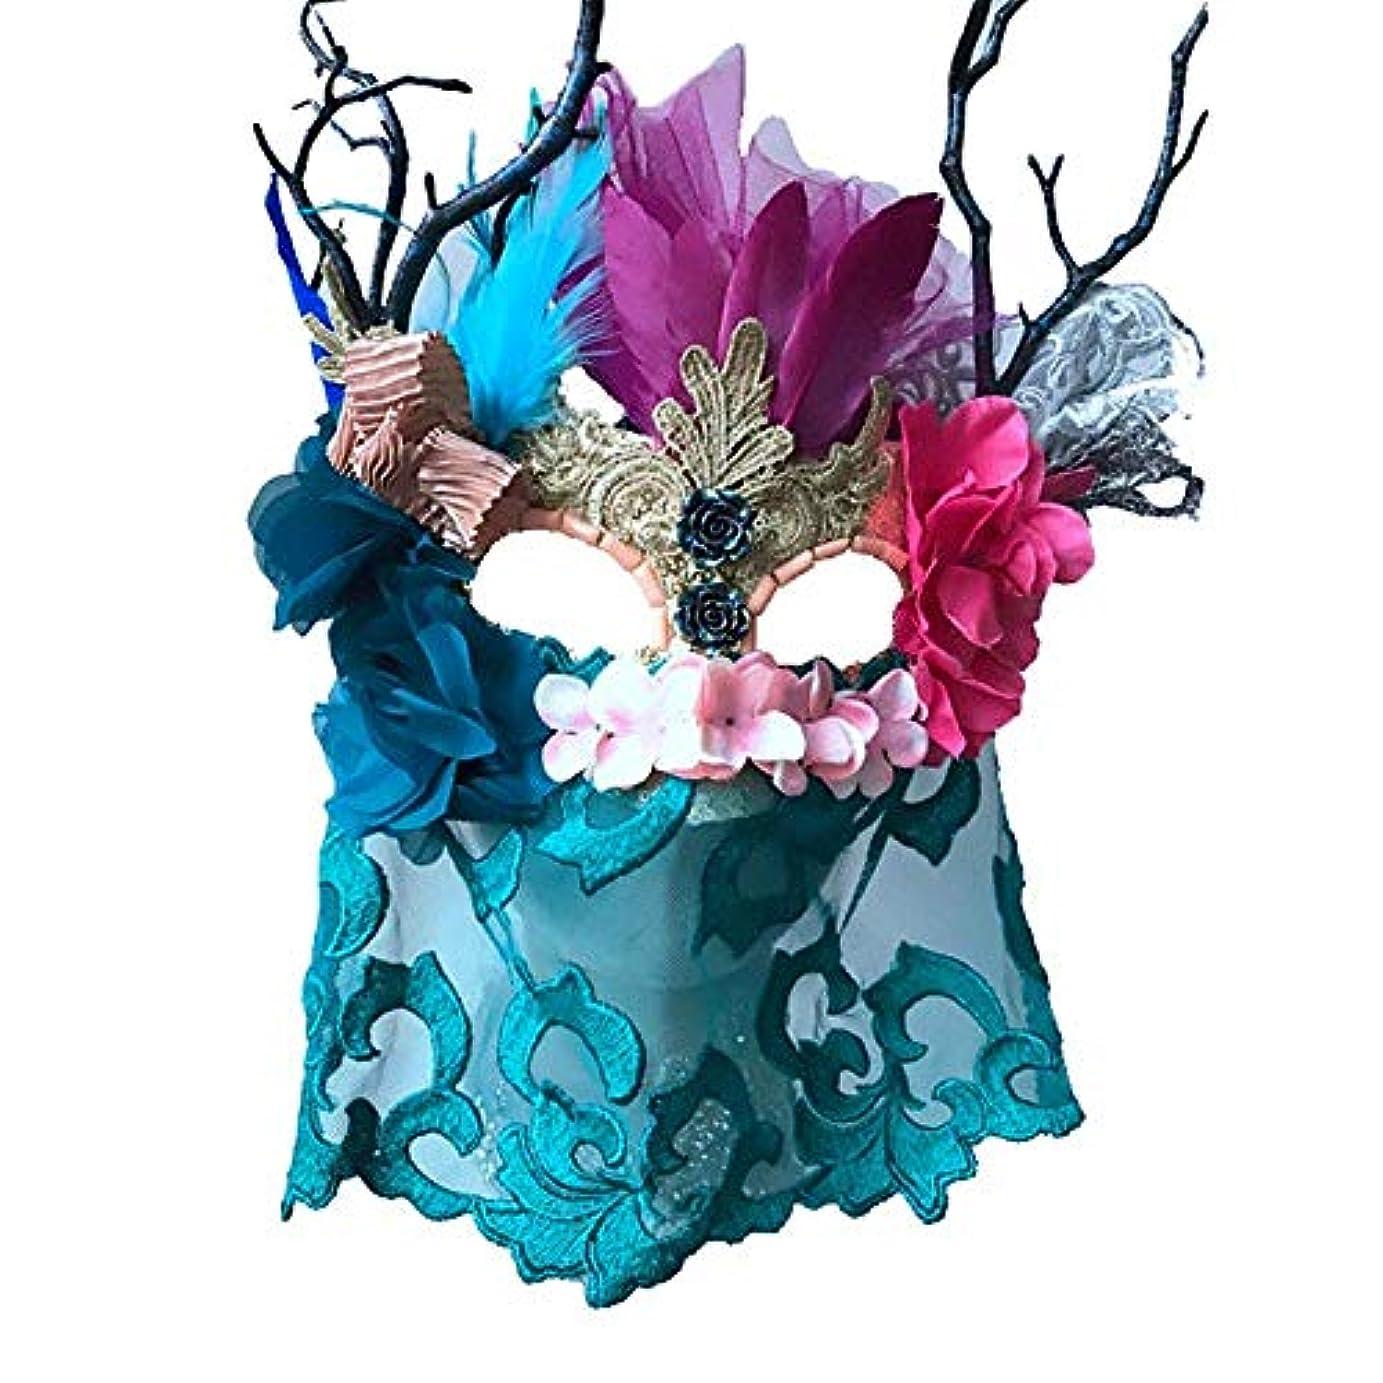 ワット標高信じるNanle ハロウィーンのクリスマスフェザーの乾いた枝ベールの花マスク仮装マスクレディミスプリンセス美しさの祭りデコレーションマスク